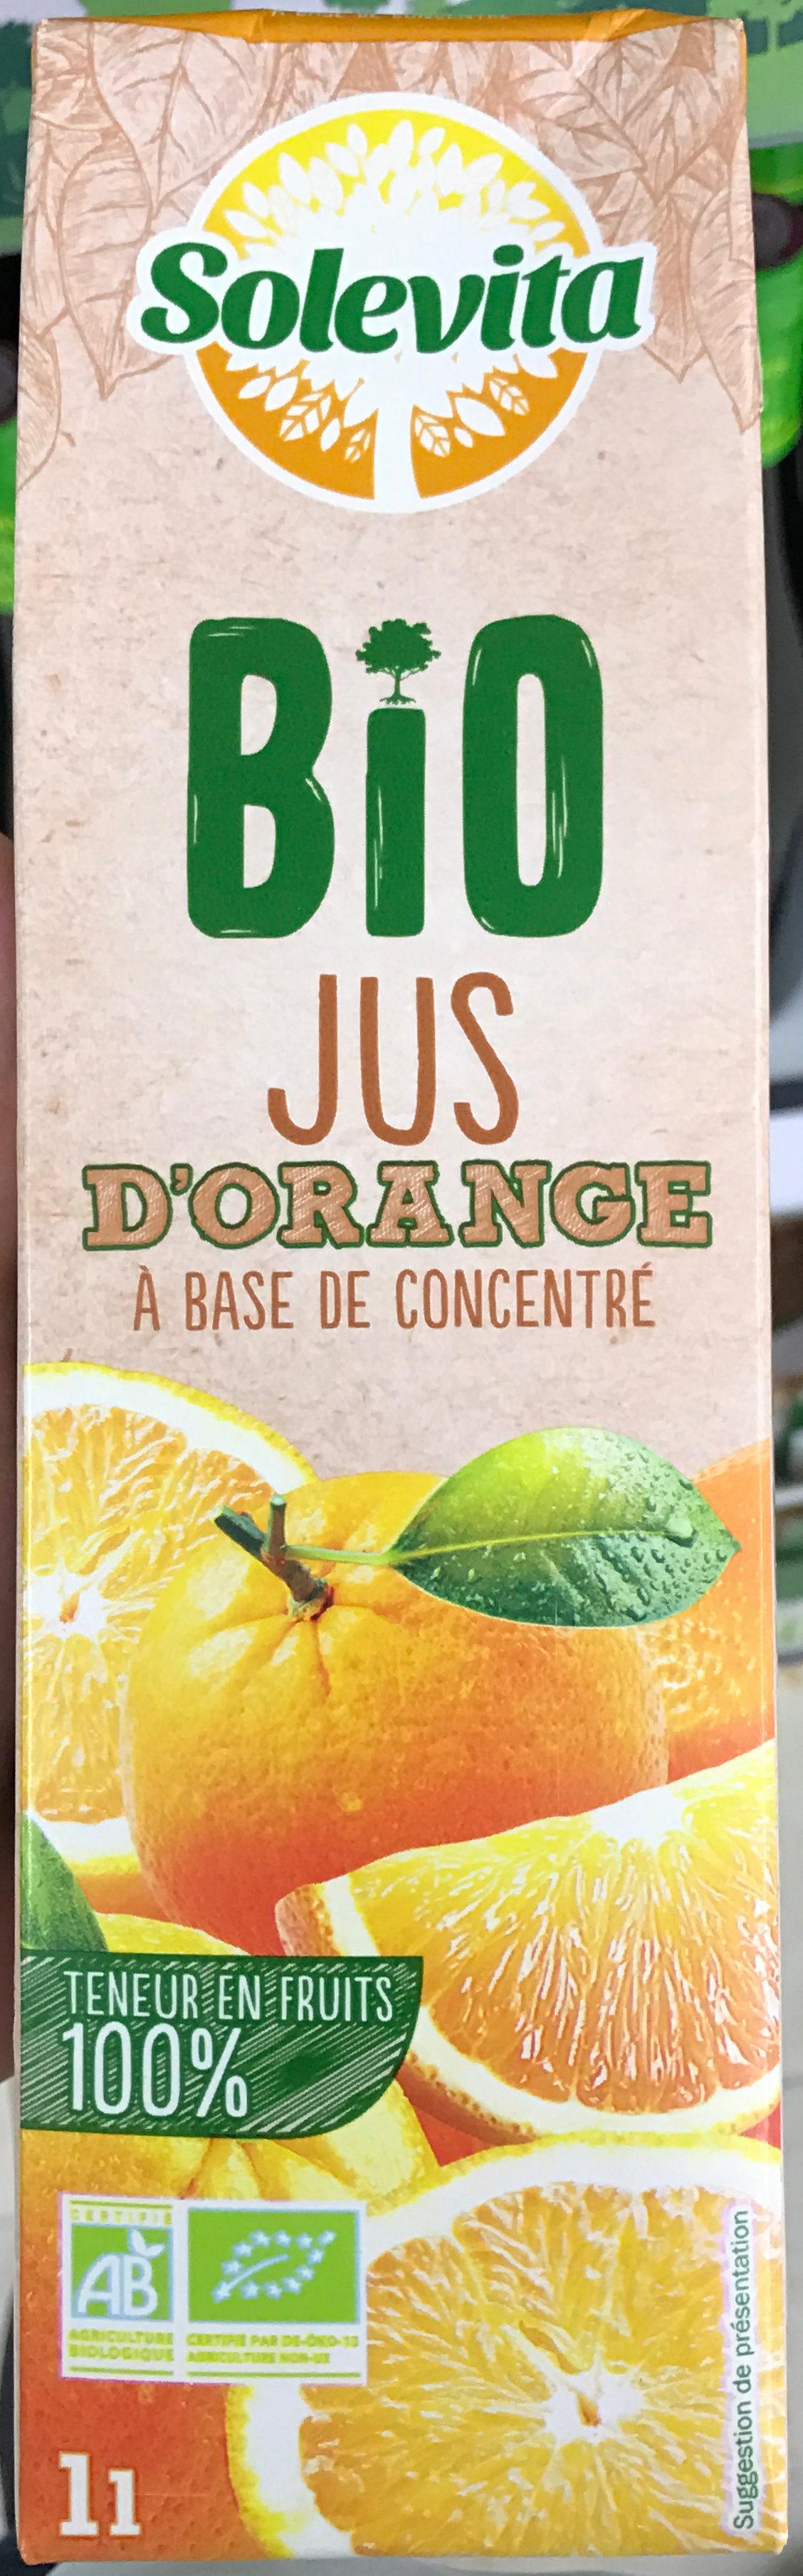 Jus d'orange bio - Product